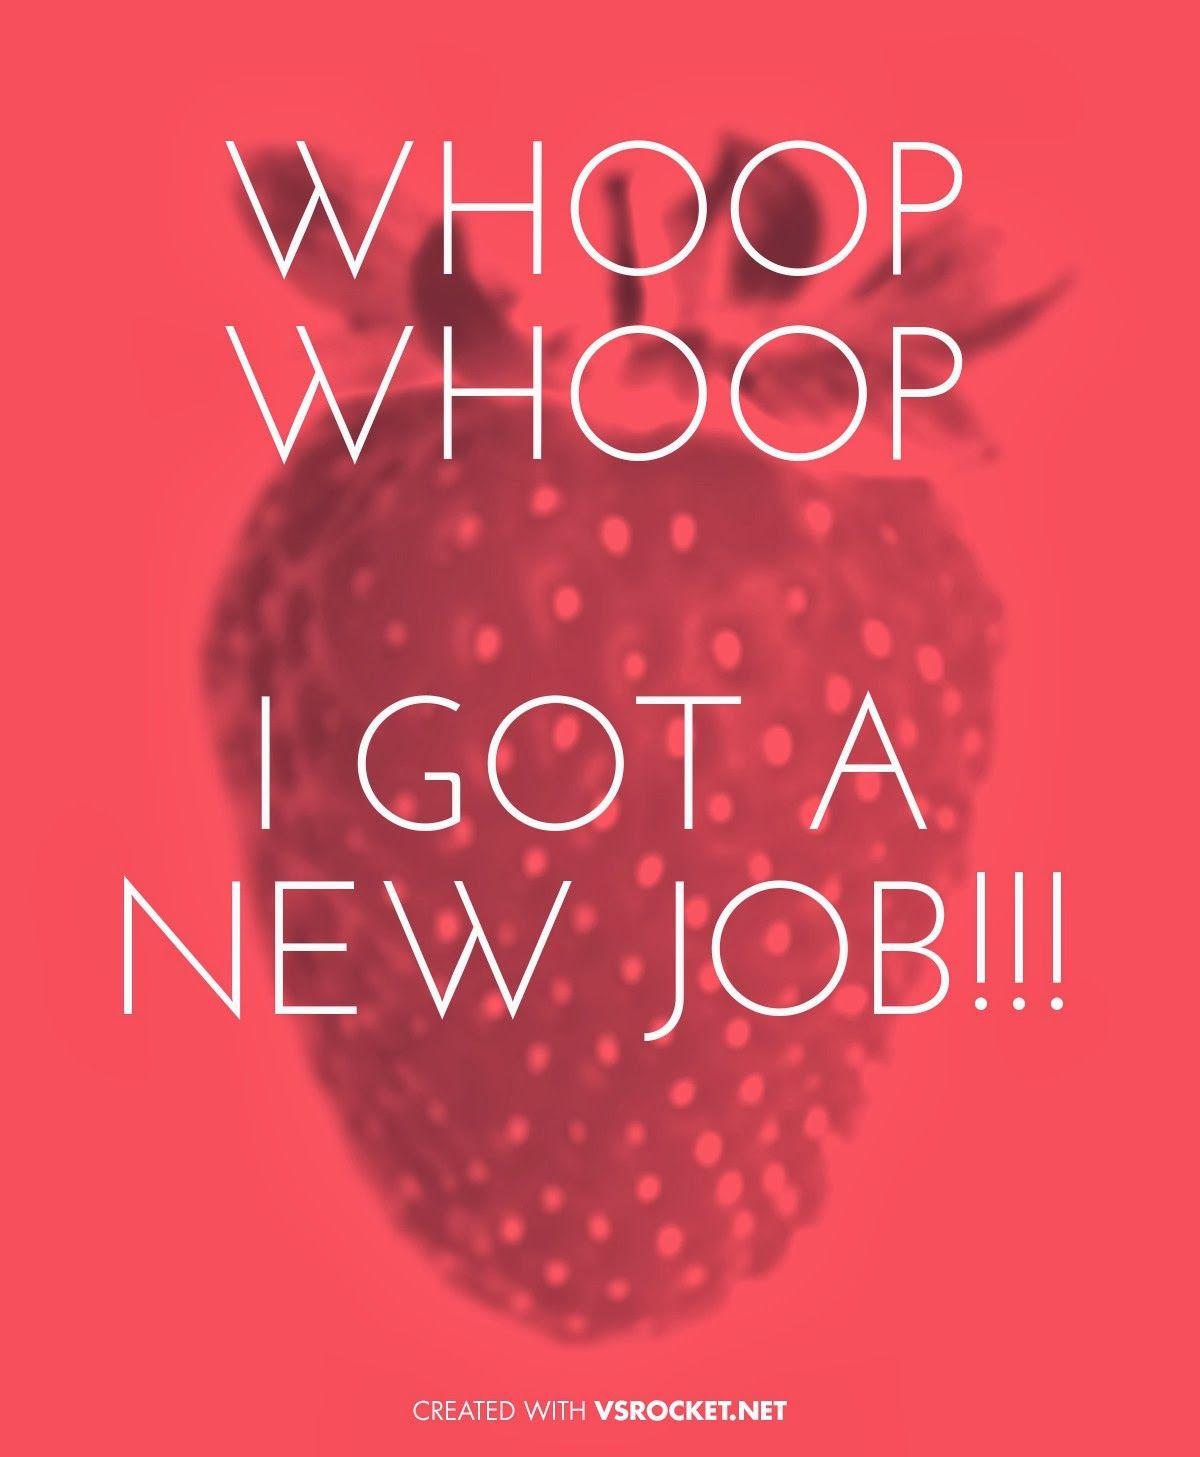 New Job Nieuwe Baan Teksten Spreuken